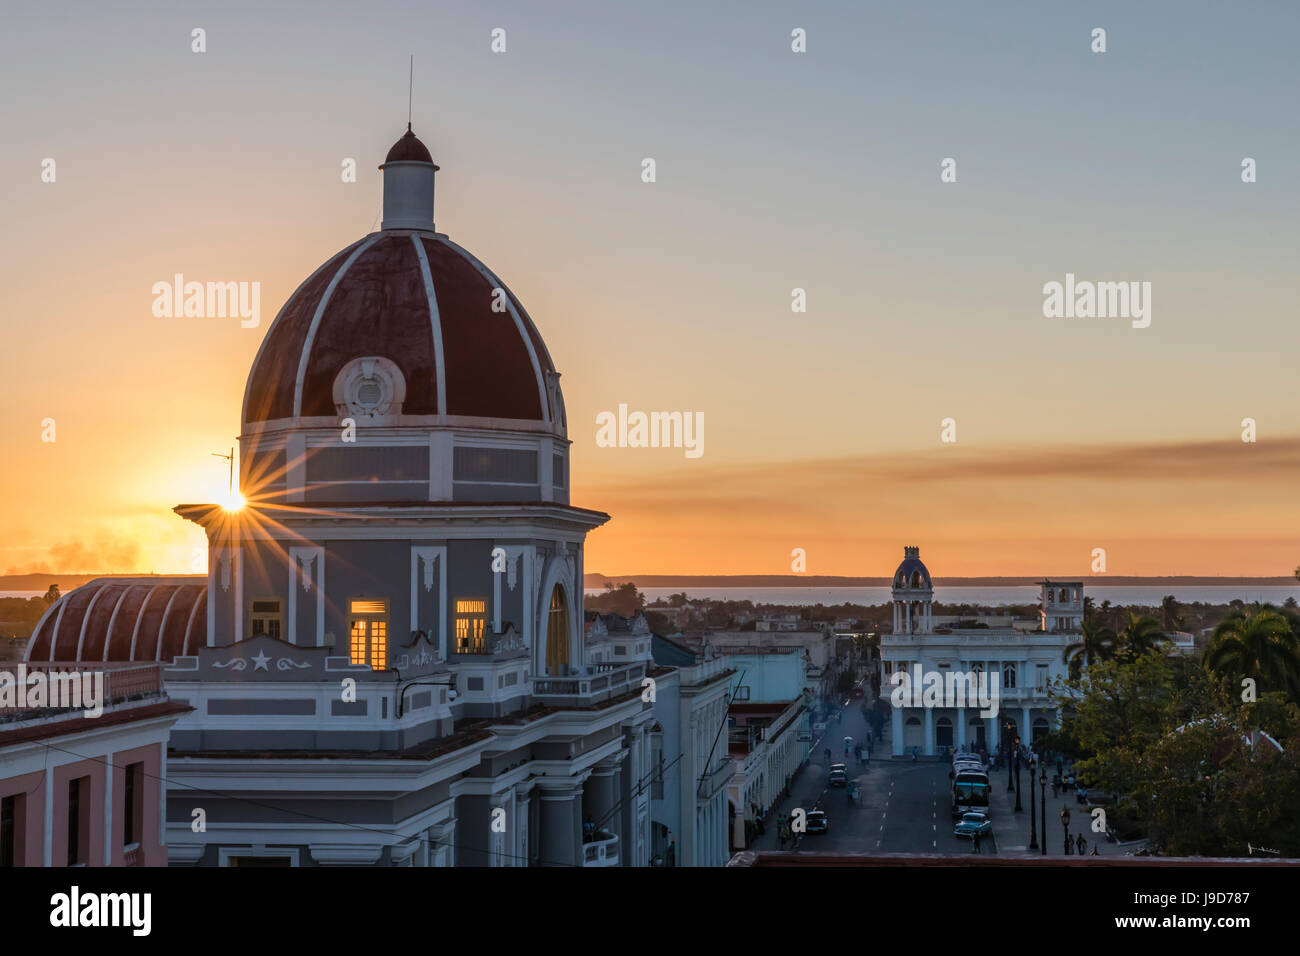 Antiguo Ayuntamiento, accueil de l'édifice du gouvernement provincial au coucher du soleil, l'UNESCO, Photo Stock